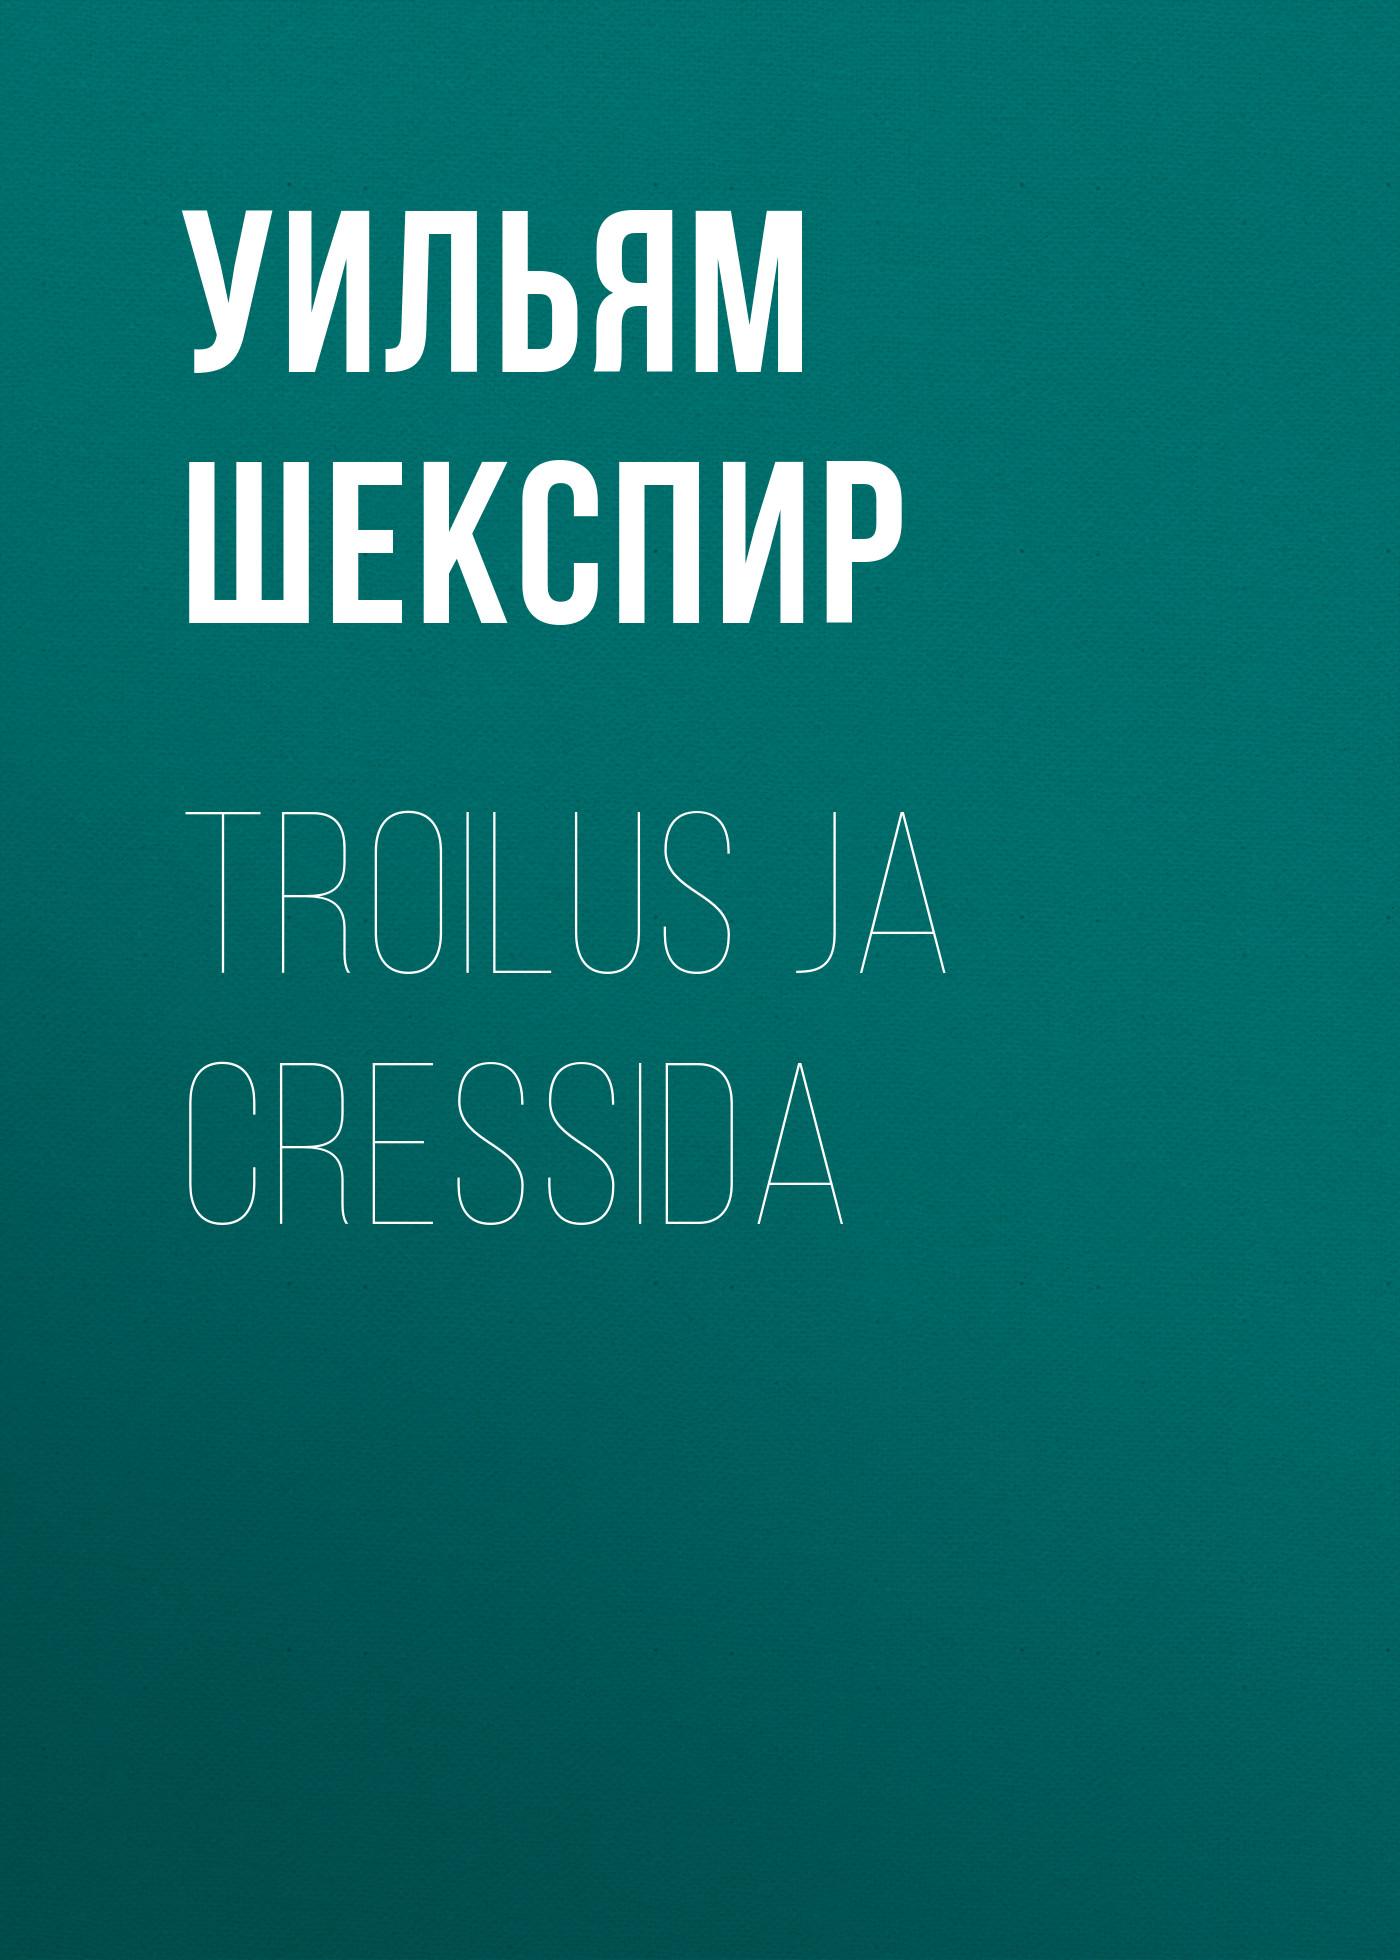 Troilus ja Cressida